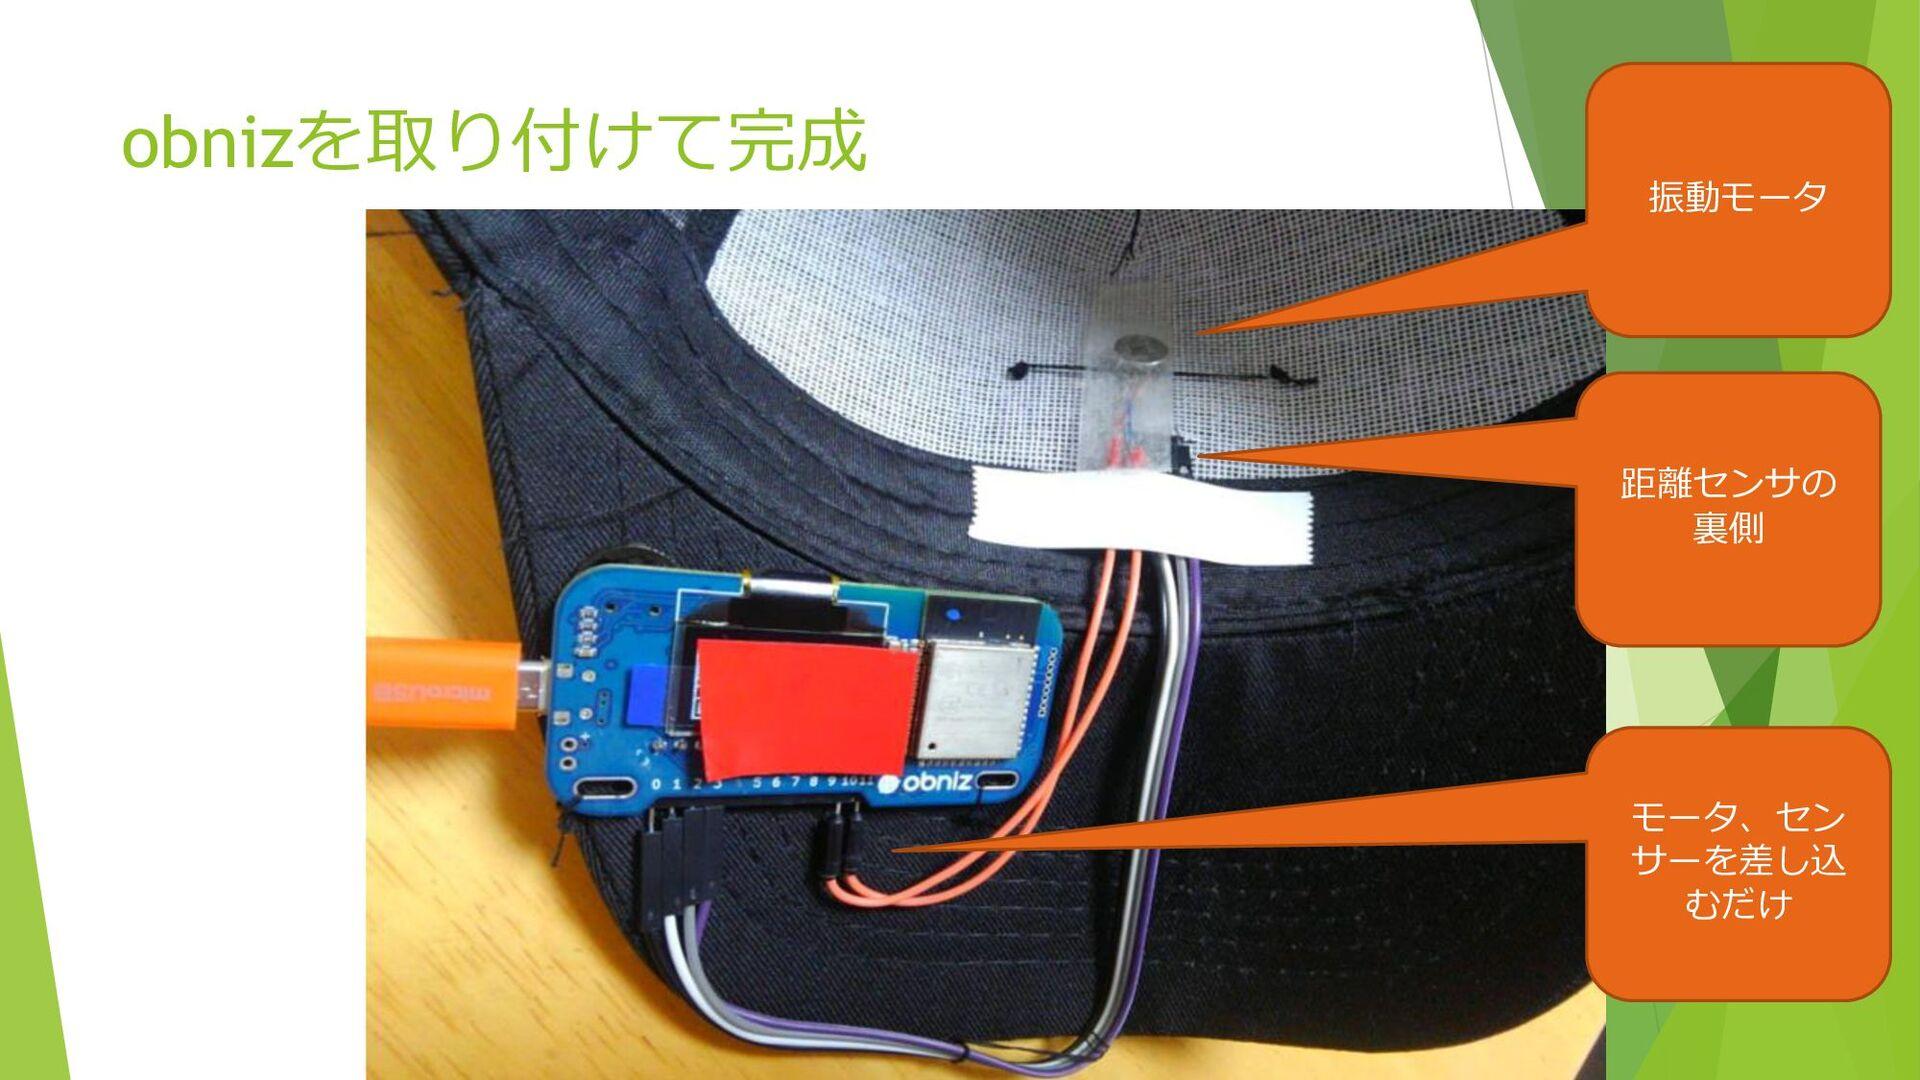 obnizを取り付けて完成 振動モータ 距離センサの 裏側 モータ、セン サーを差し込 むだけ